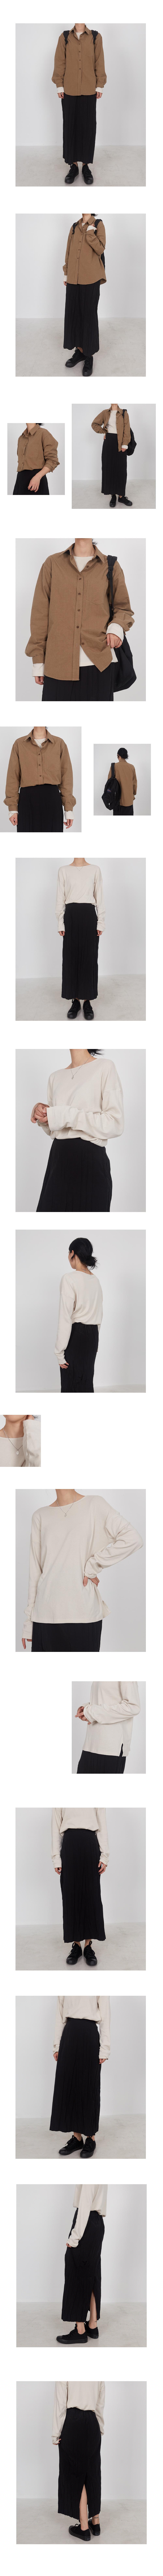 Bending wrinkle skirt